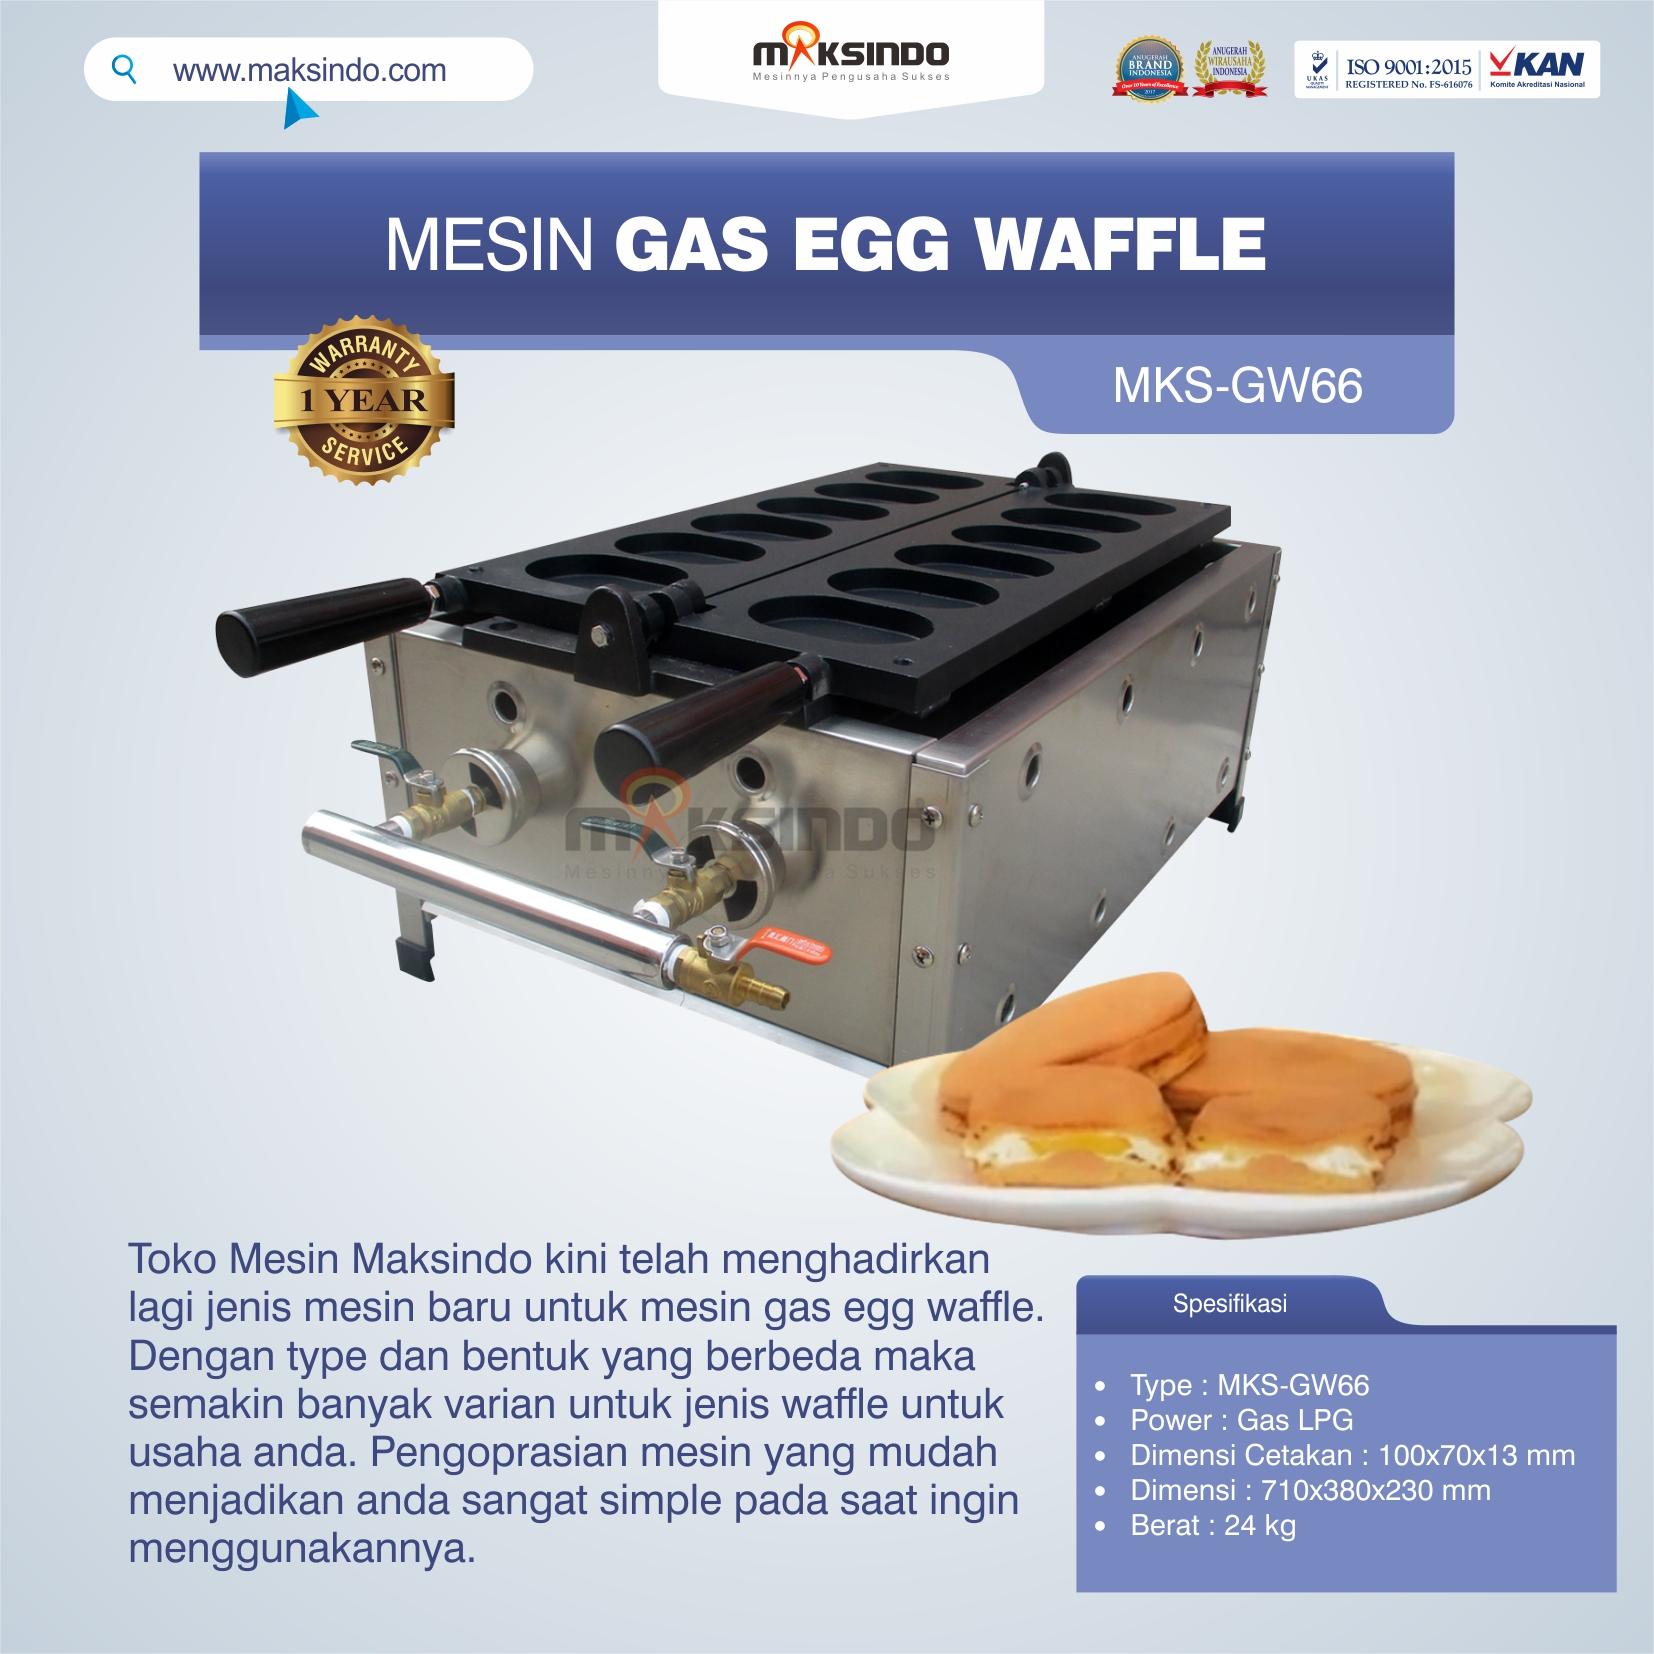 Mesin Gas Egg Waffle MKS-GW66